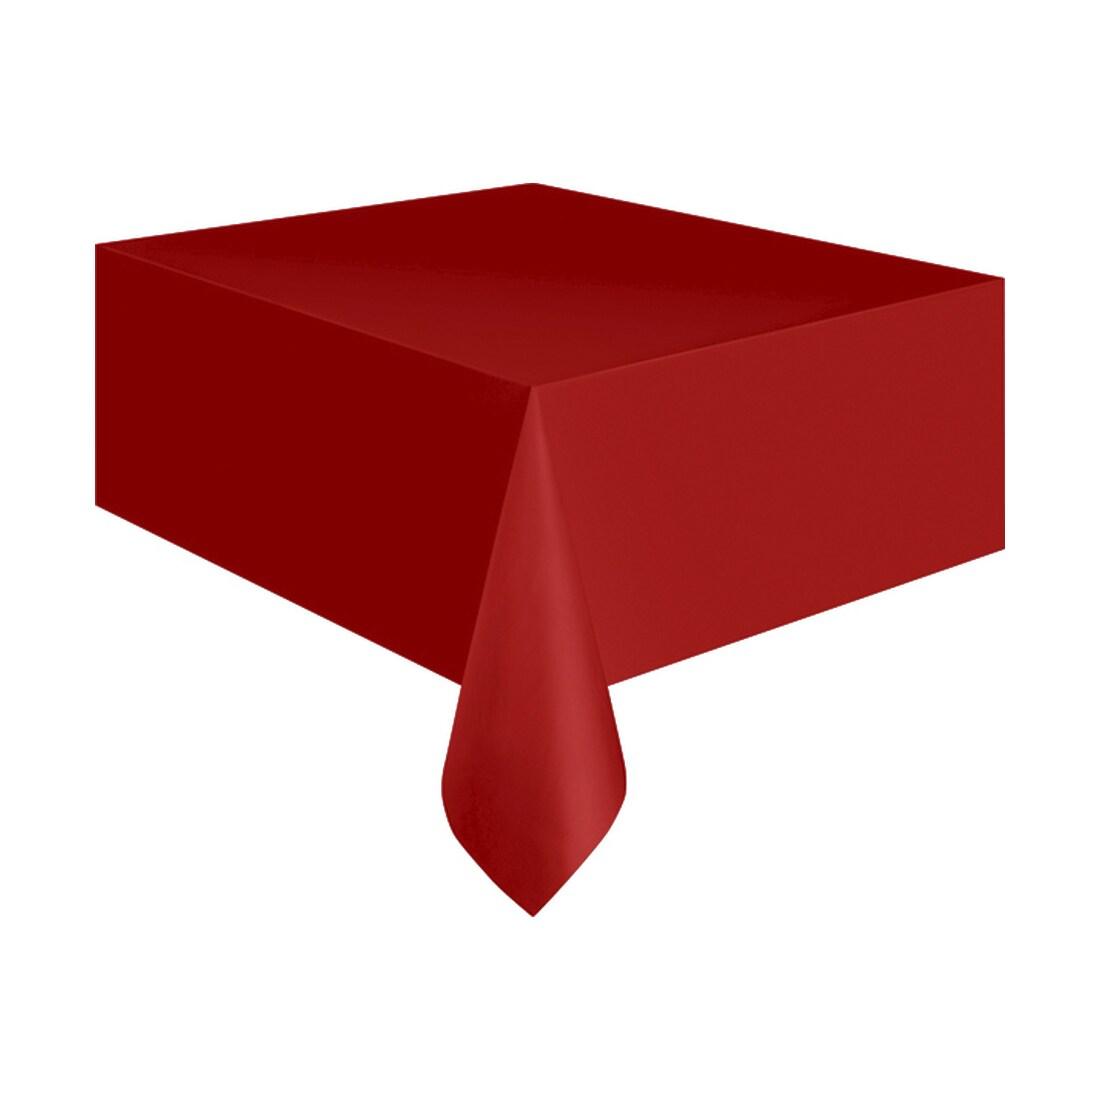 folien tischdecke hochzeit tisch decke 137 x 274 cm geburtstag tischd 2 99. Black Bedroom Furniture Sets. Home Design Ideas